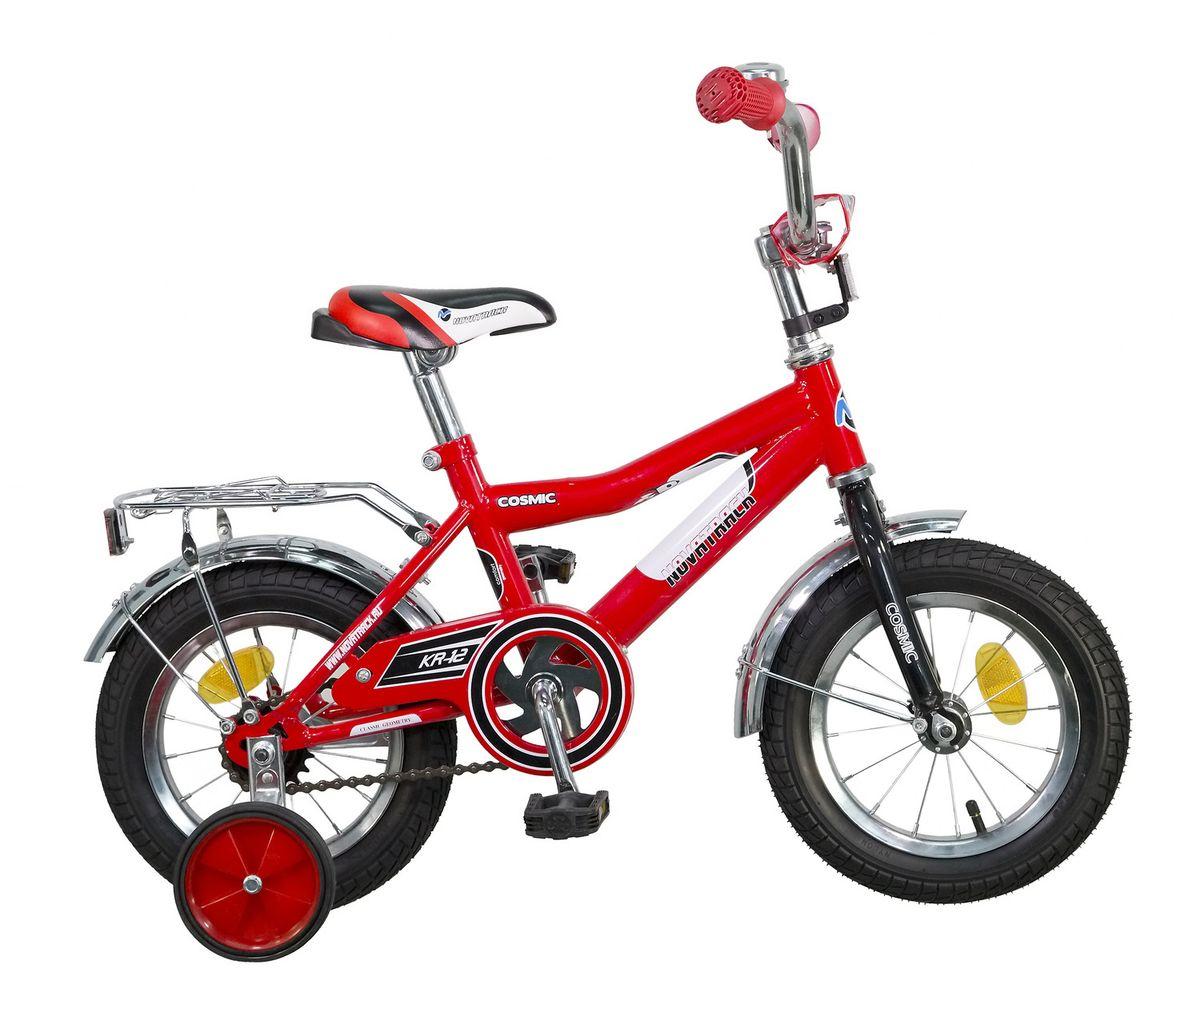 Велосипед детский Novatrack Cosmic, цвет: красный, белый, черный, 12